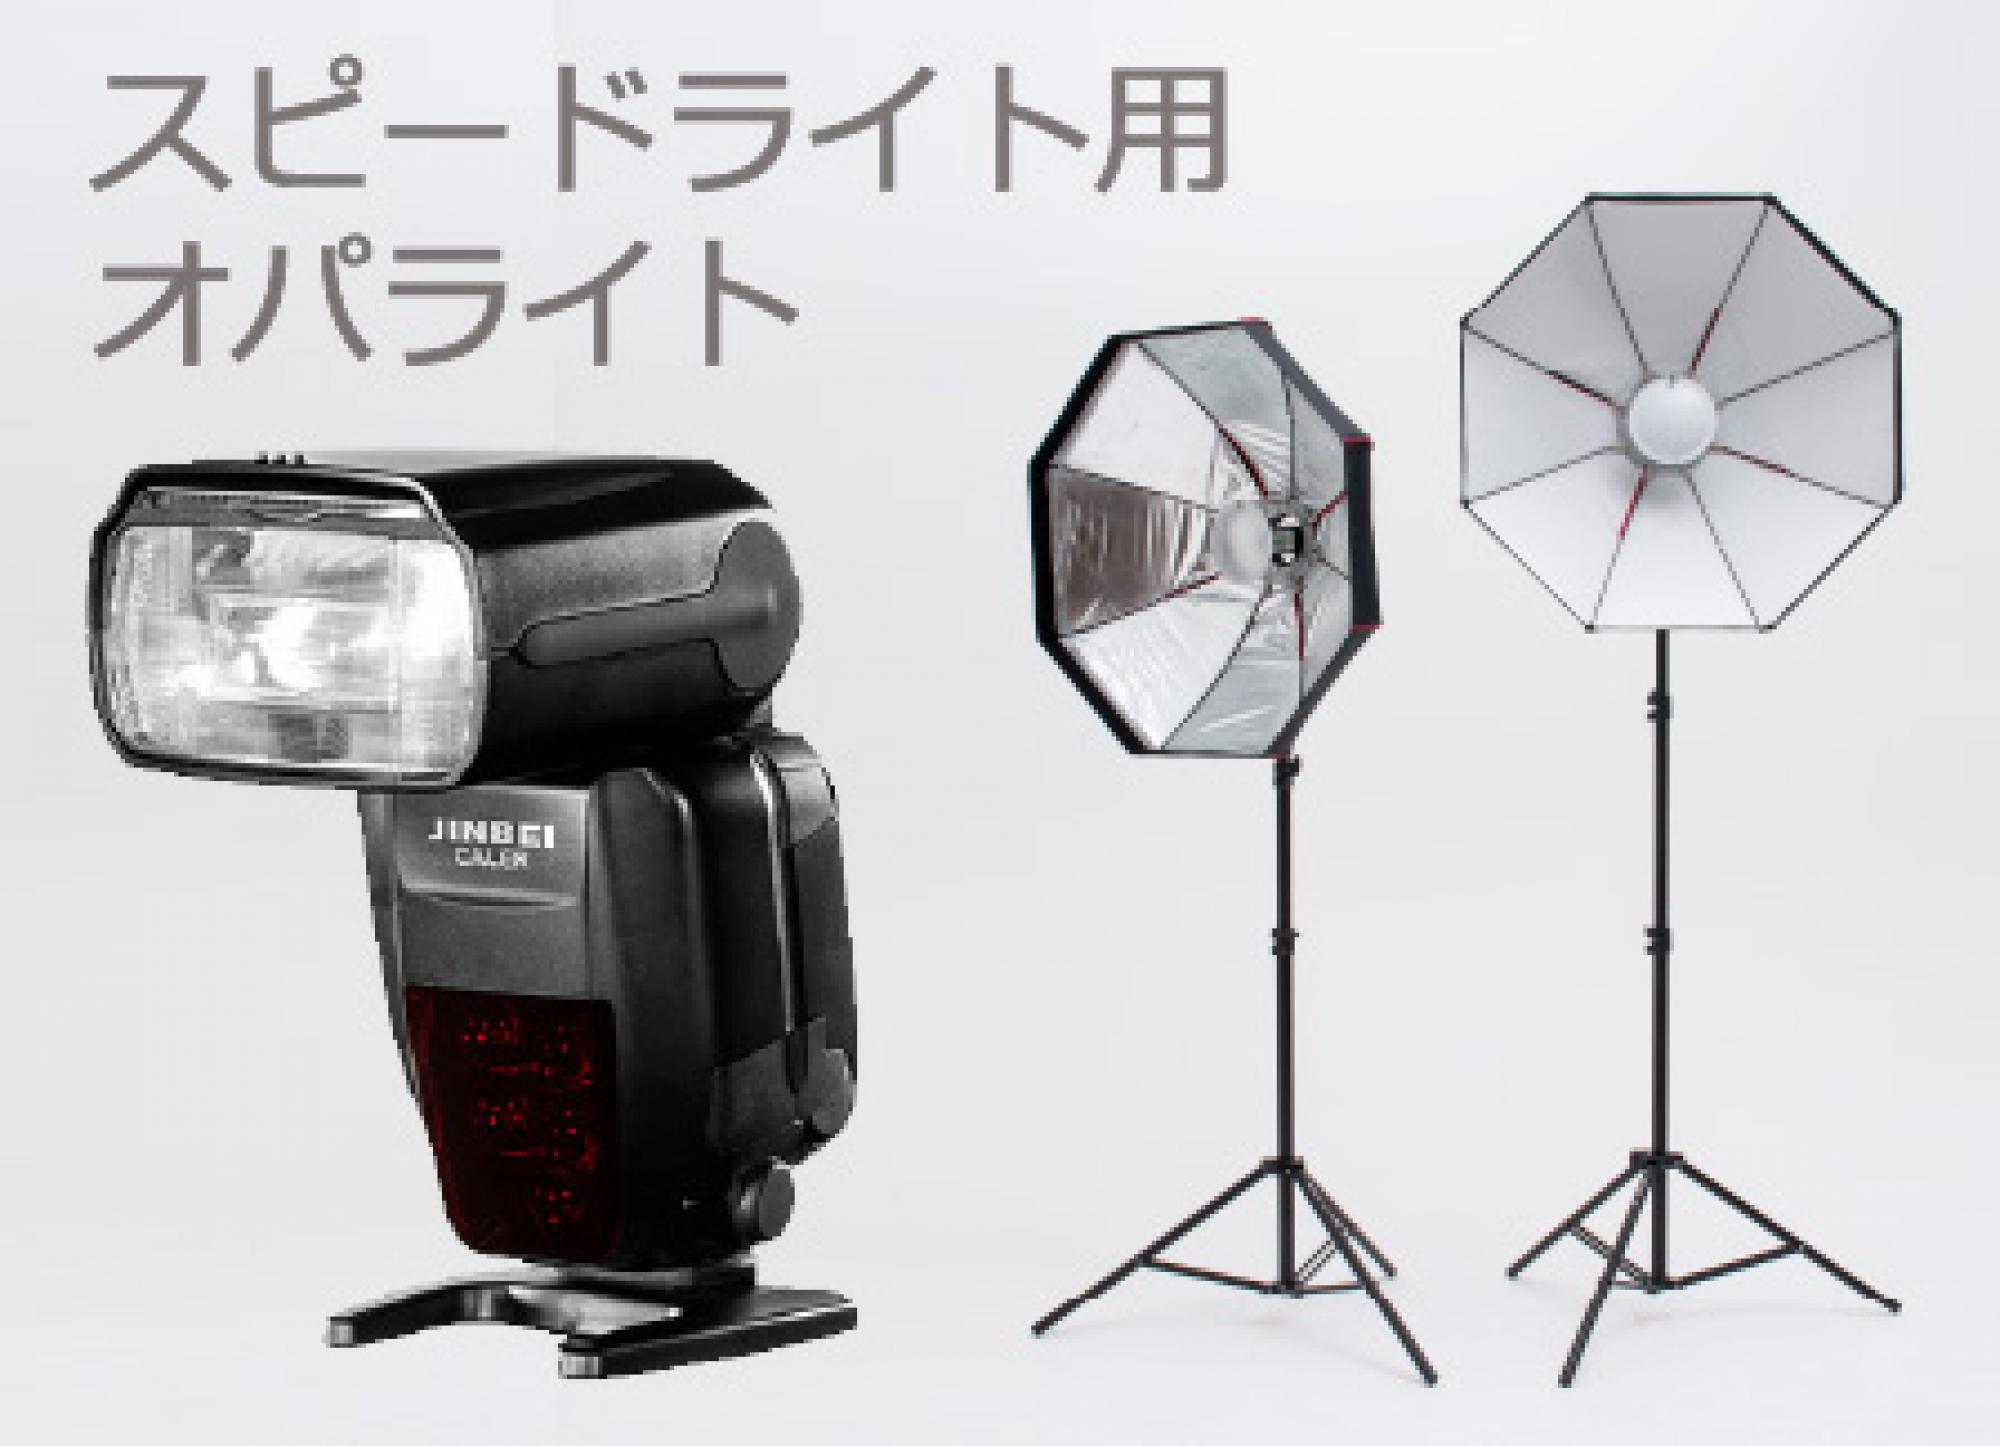 スピードライト用オパライト(折り畳み式/オプションでグリッド有り)ロケーションフォト